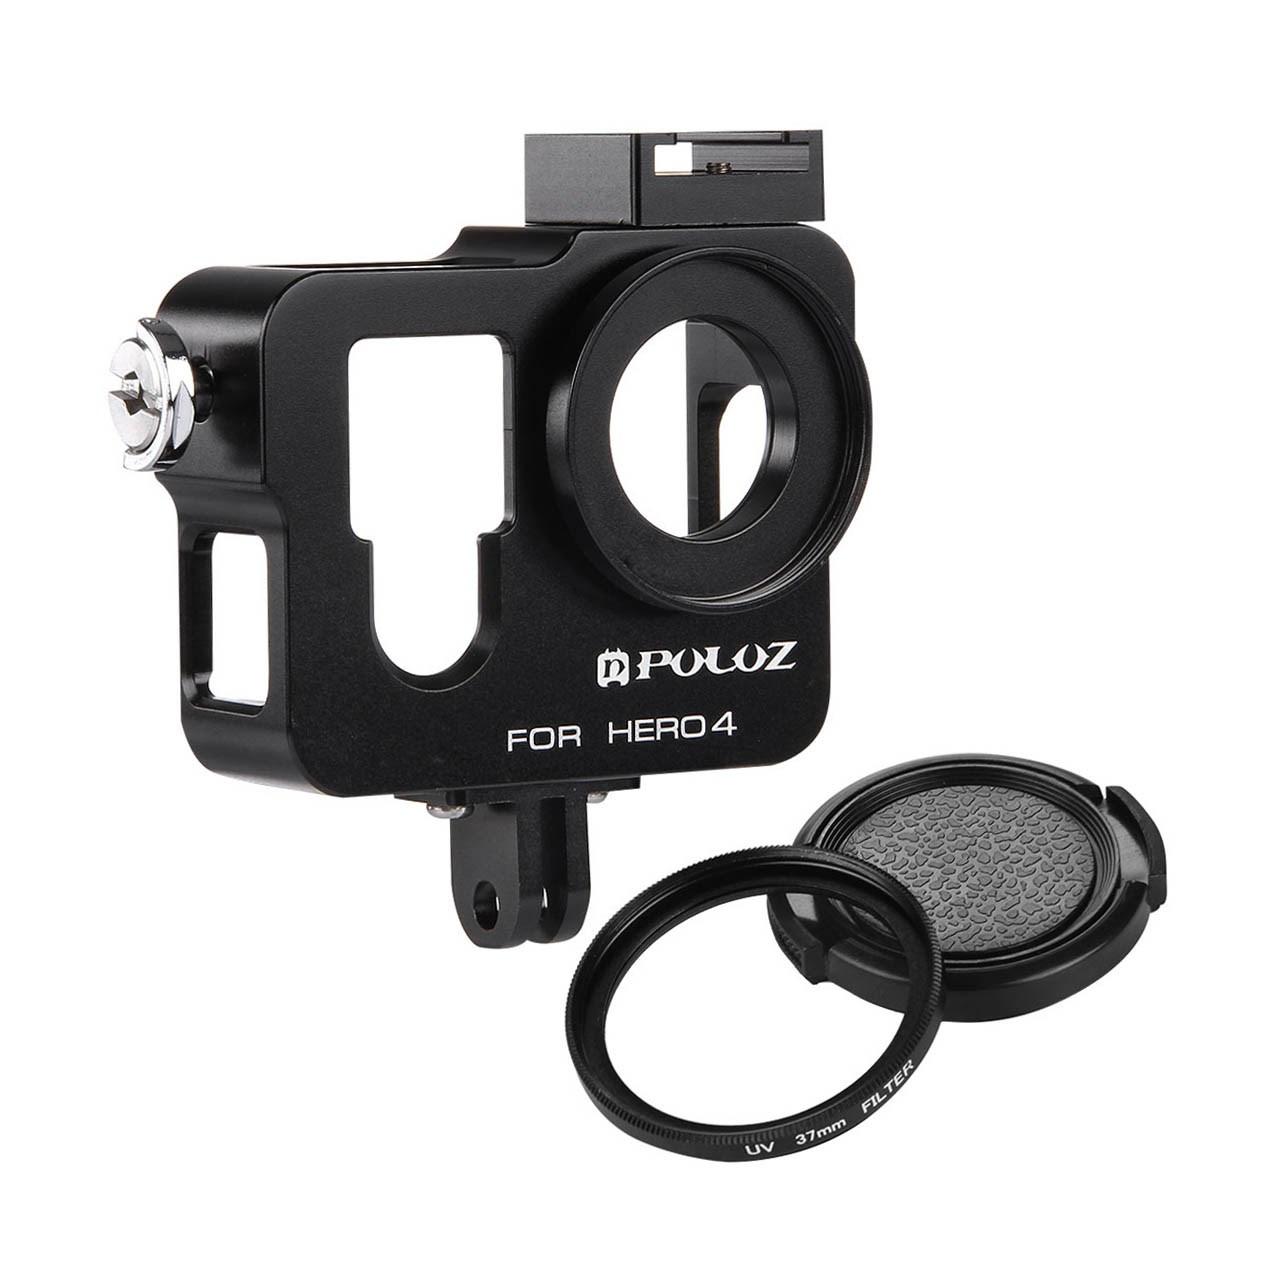 کاور آلومینیومی پلوز مدل Housing Shell مناسب برای دوربین ورزشی گوپرو هیرو 4